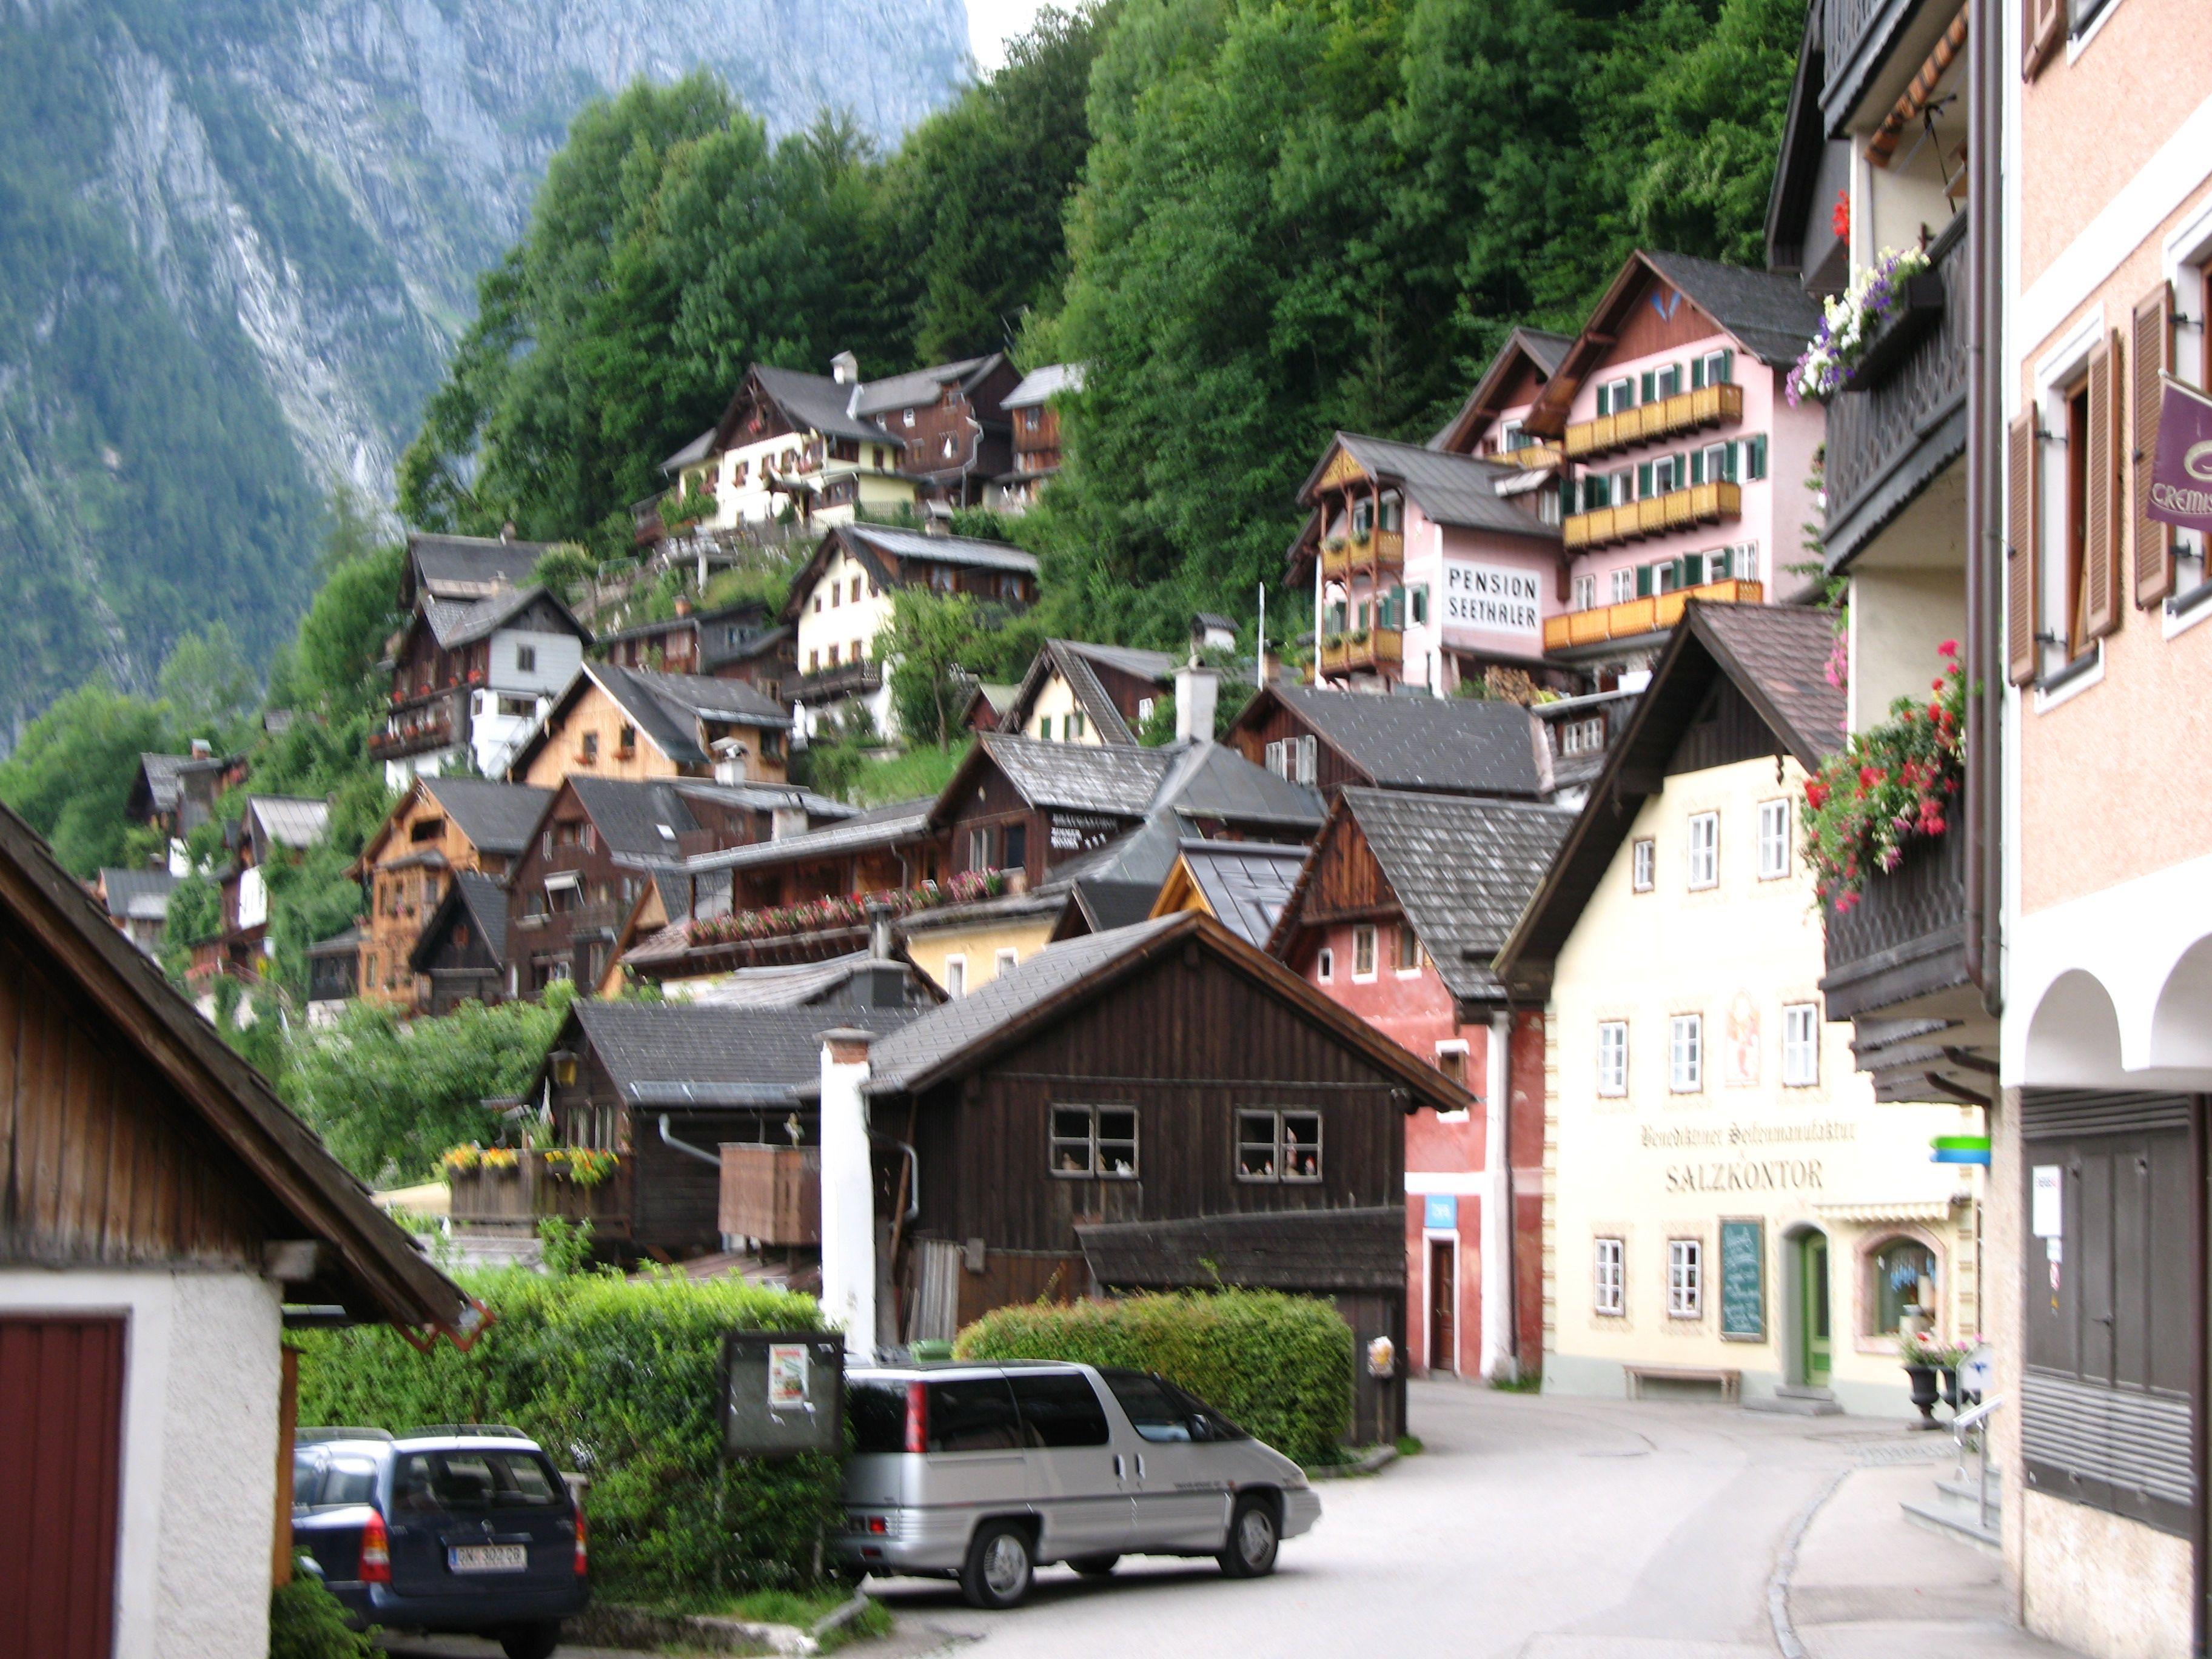 Hallstatt - Seestrasse - Austria